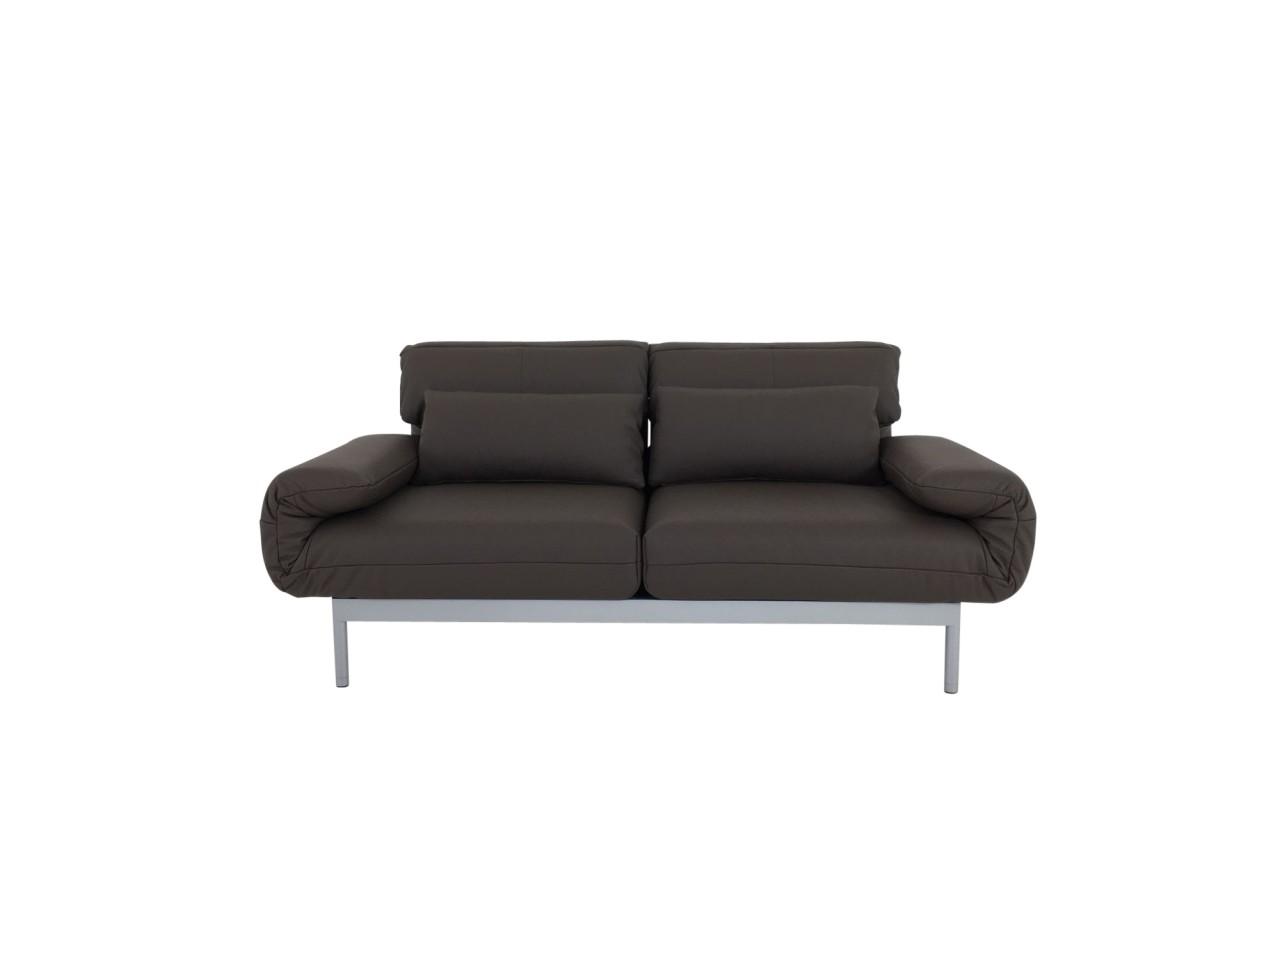 ROLF BENZ PLURA Sofa im Leder graubraun mit Liegerücken und Gestell silber im SONDERANGEBOT